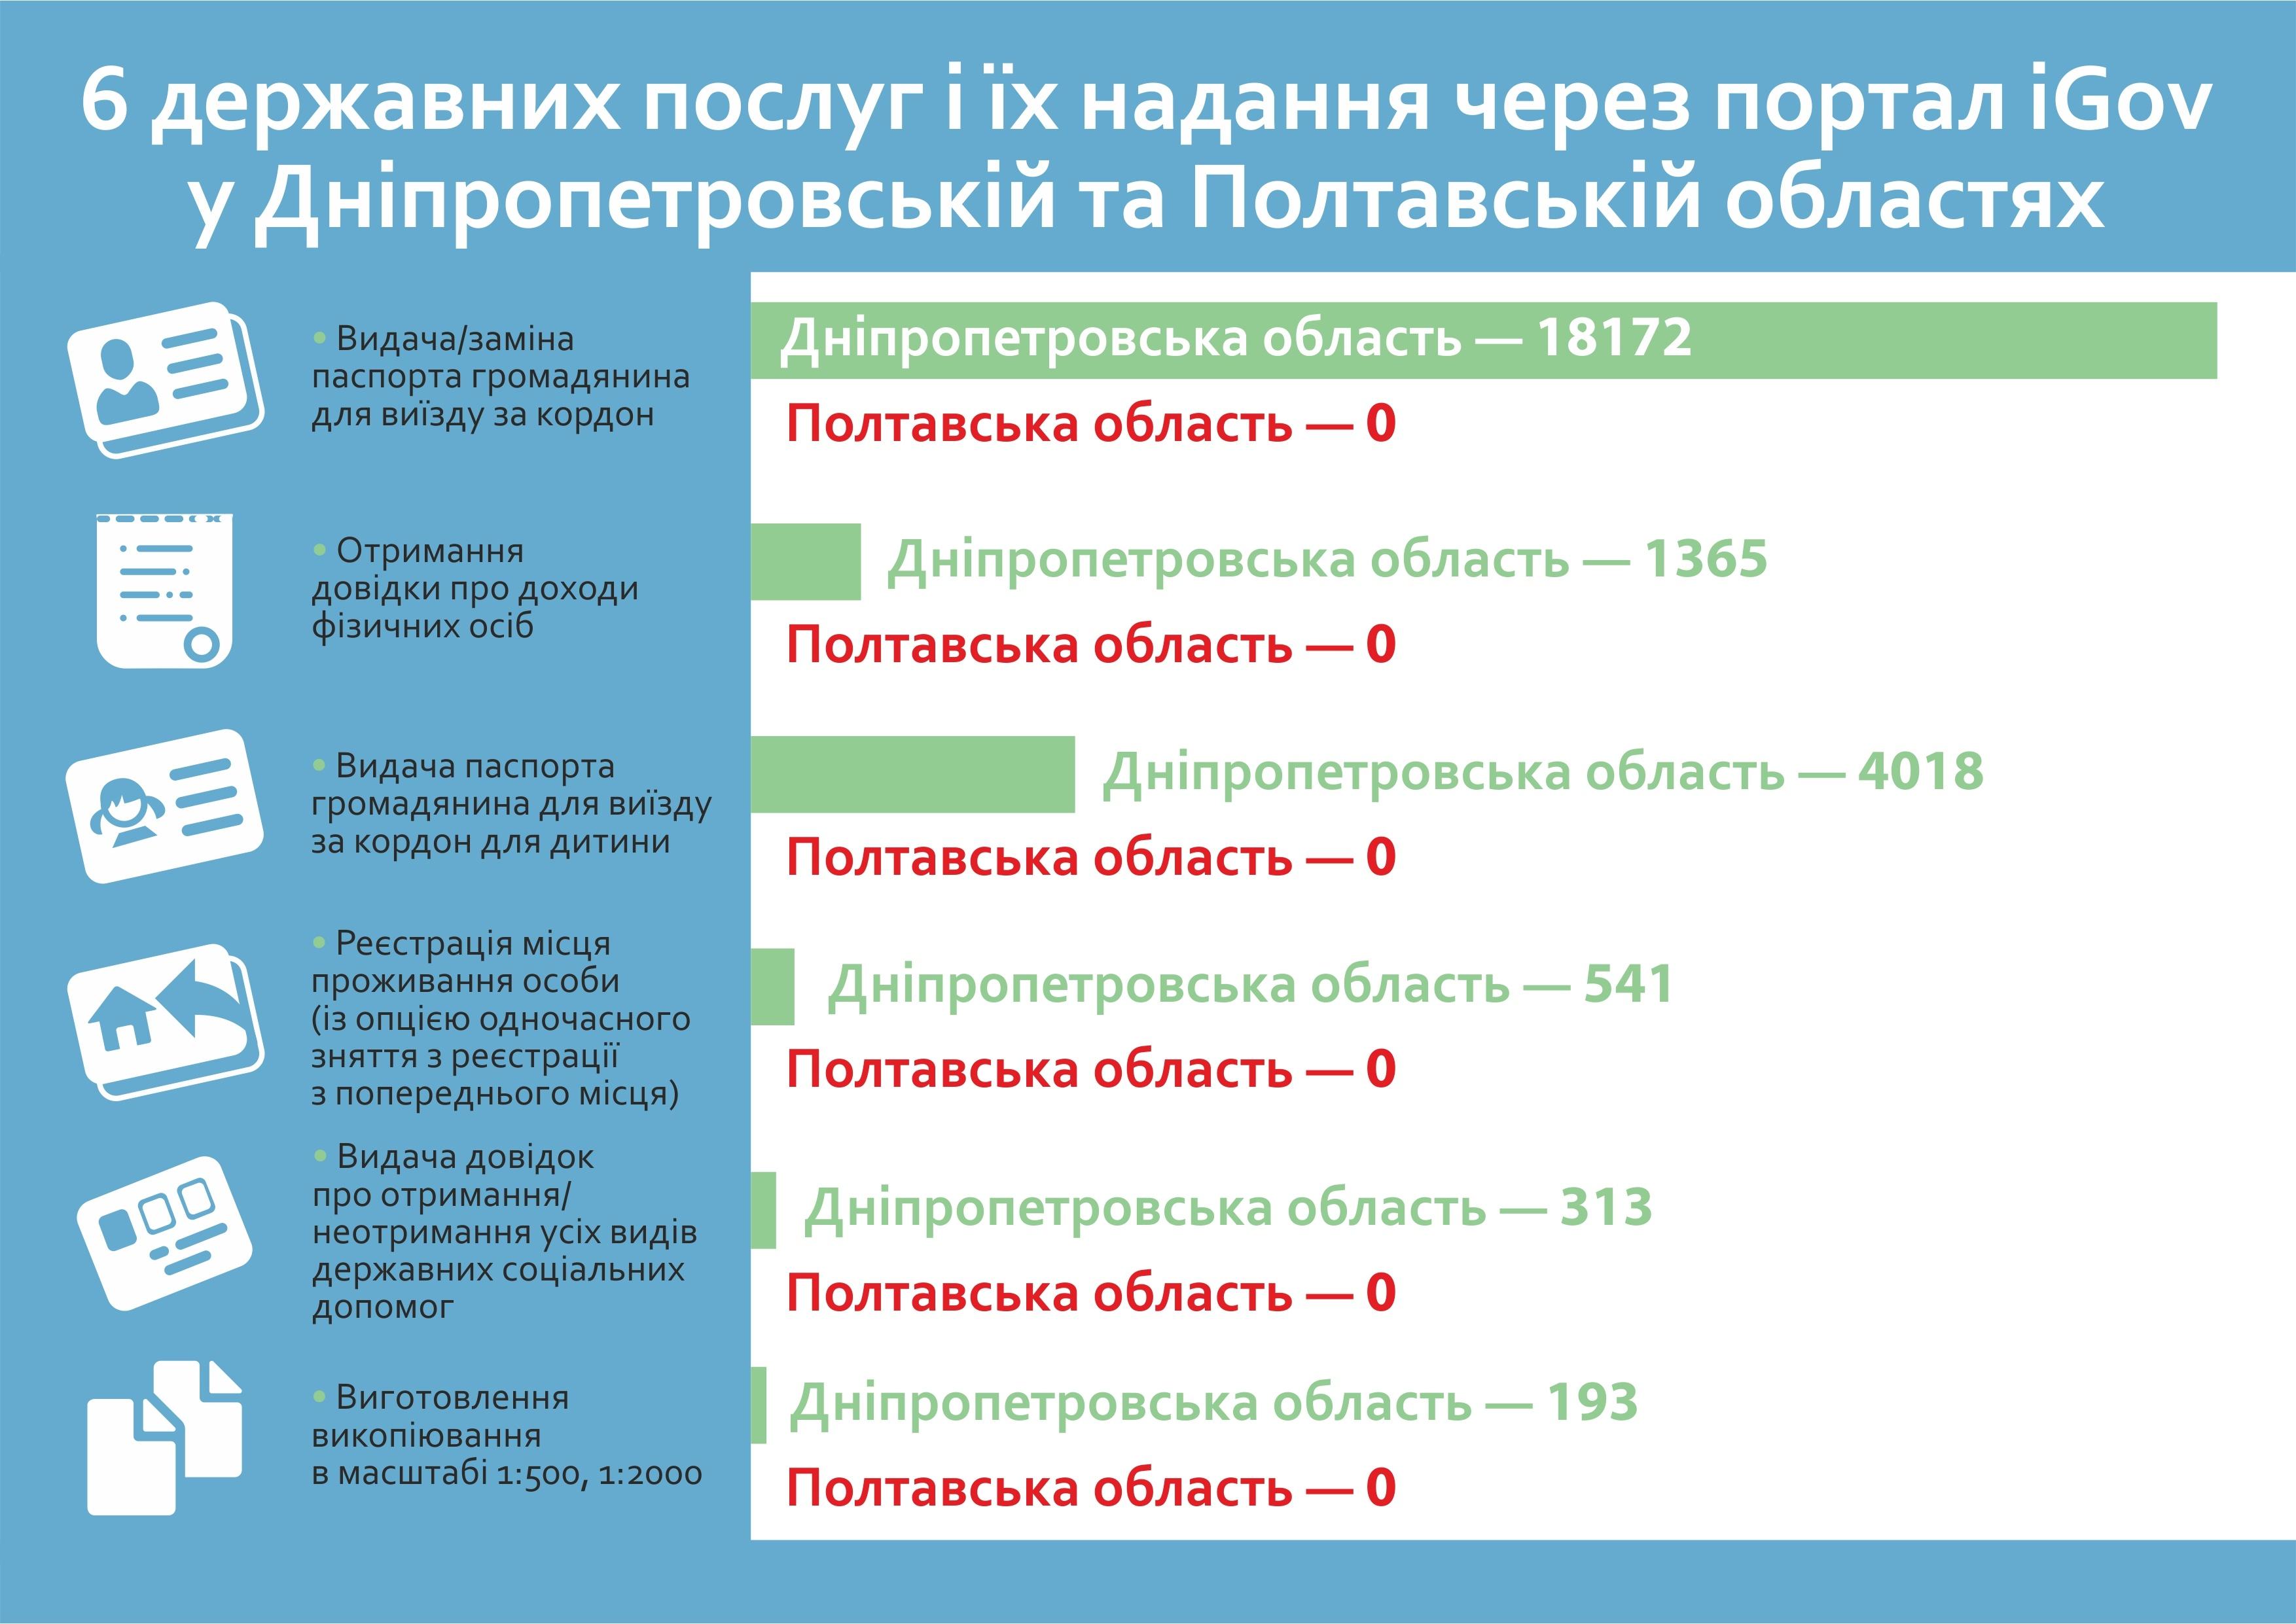 6 державних послуг і їх надання через портал iGov у Дніпропетровській та Полтавській областях